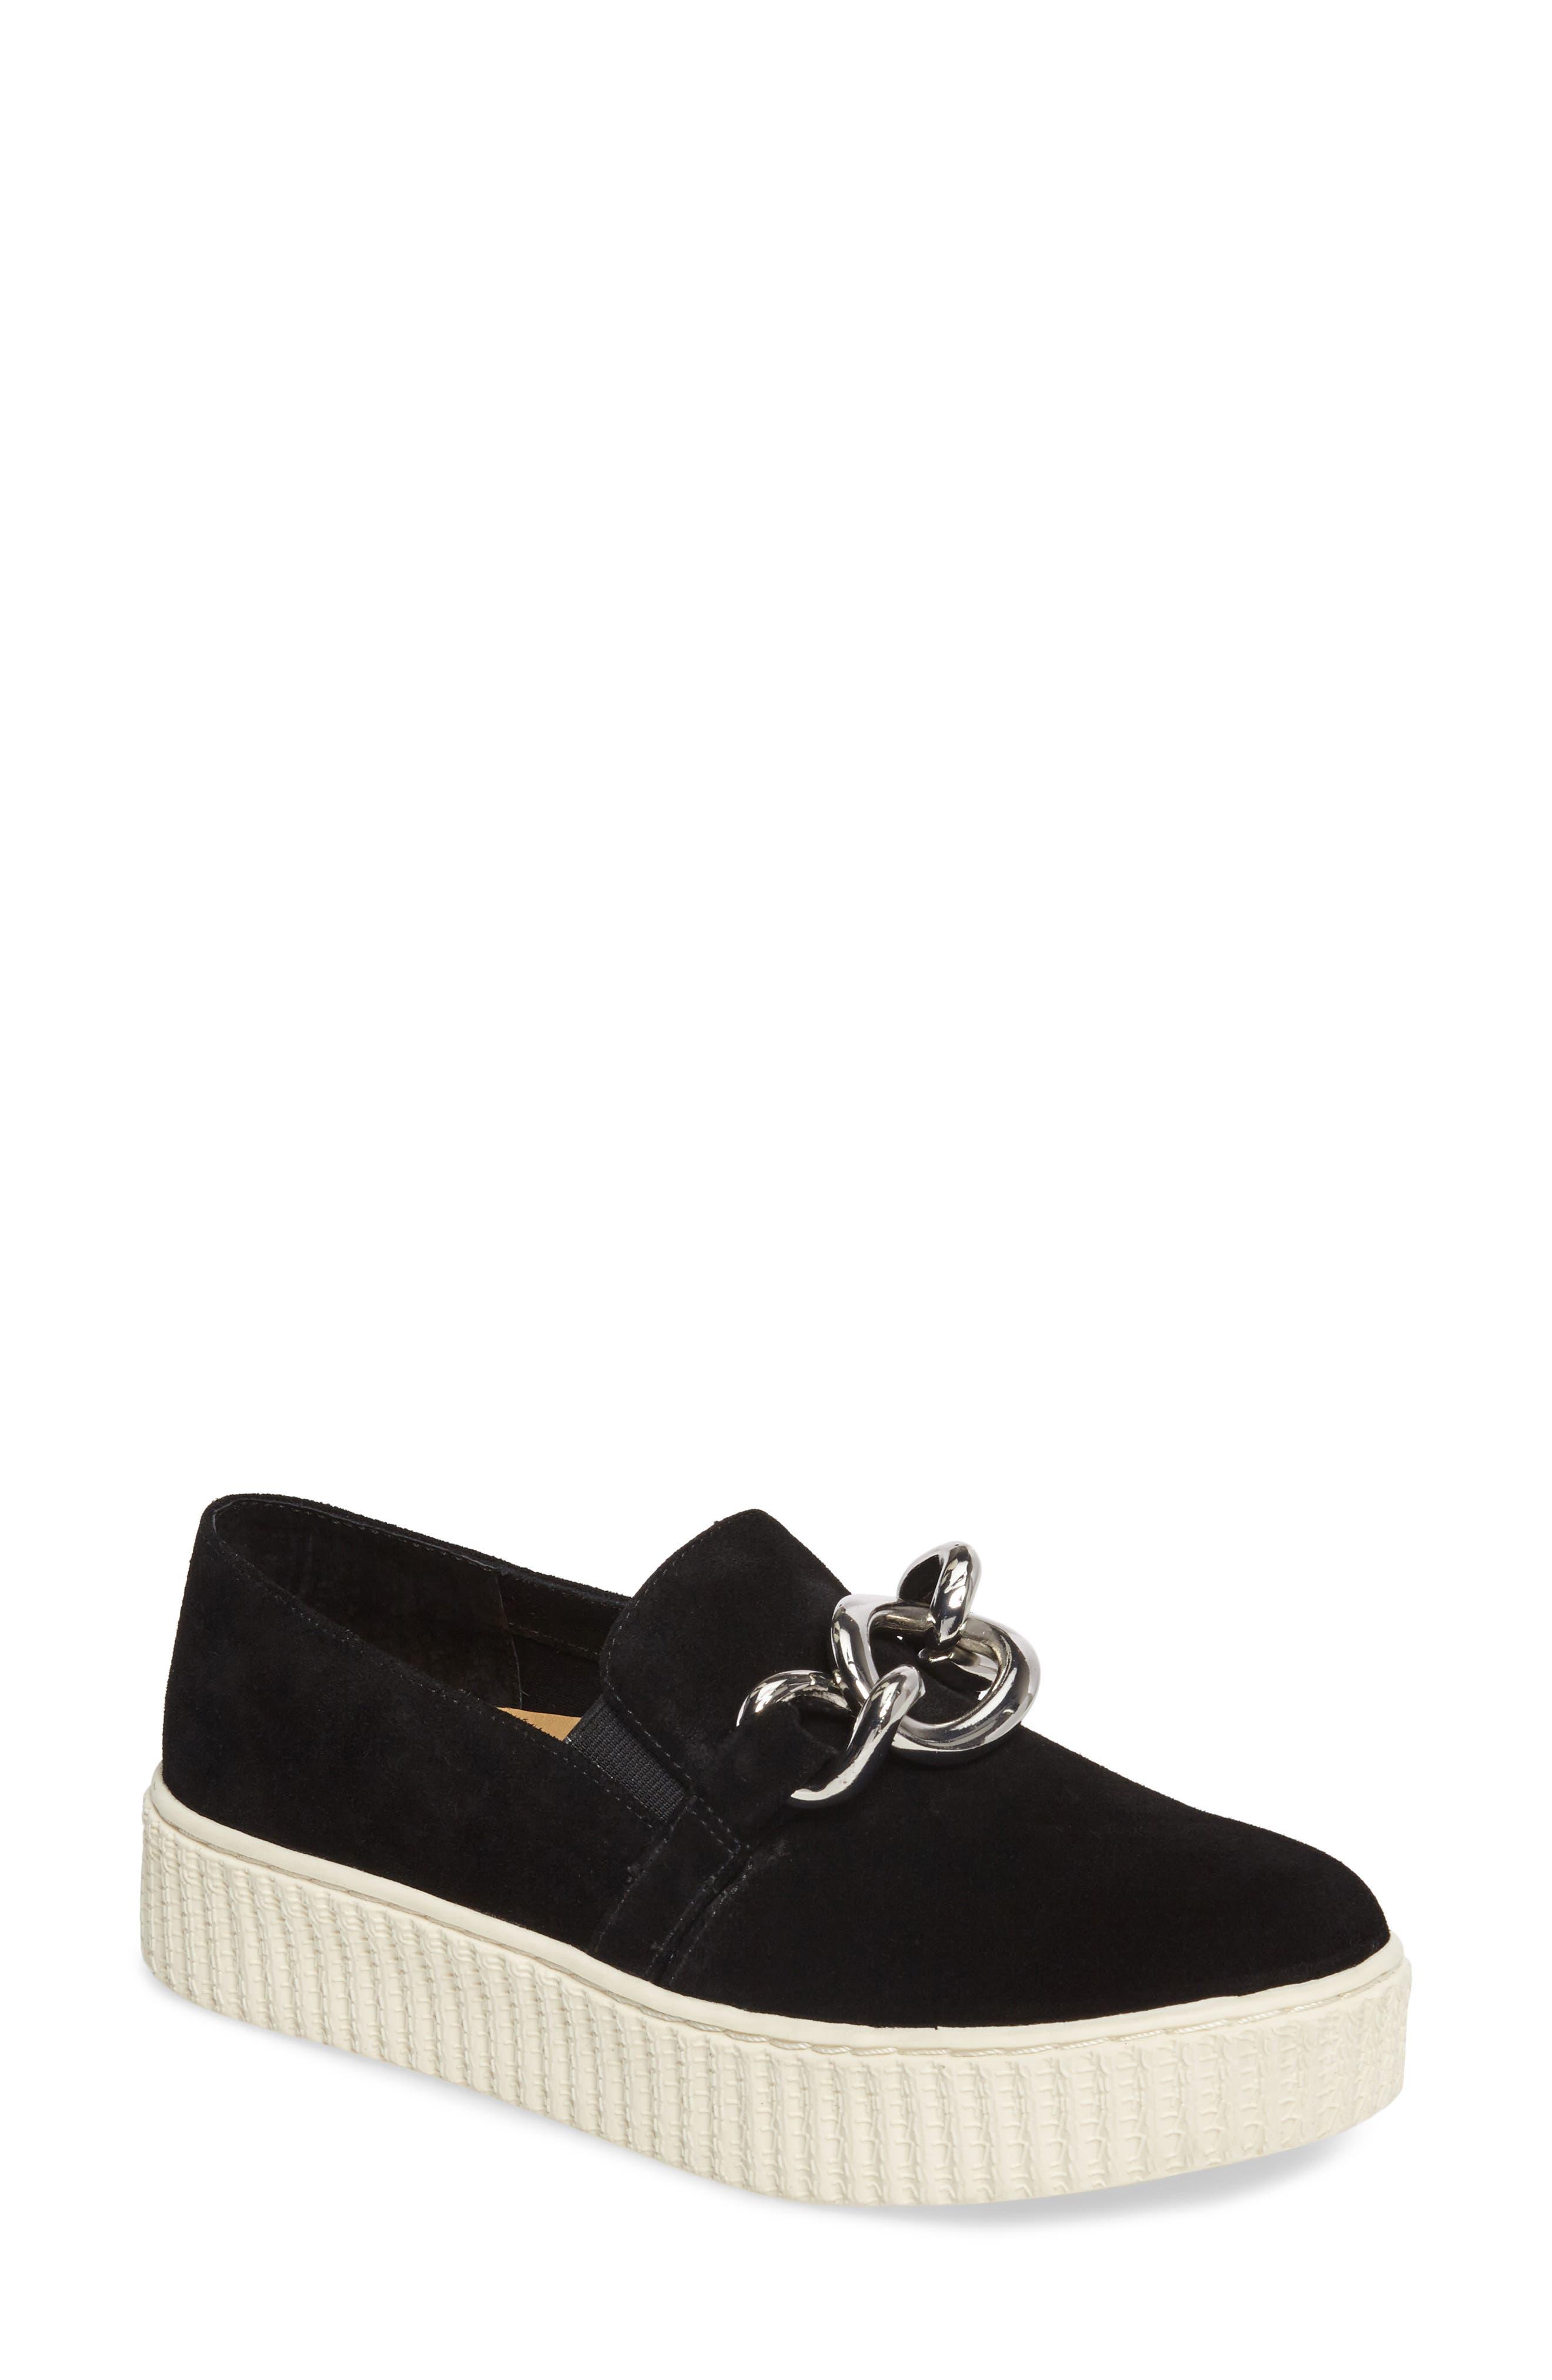 Roberta Platform Sneaker,                         Main,                         color, Black Suede